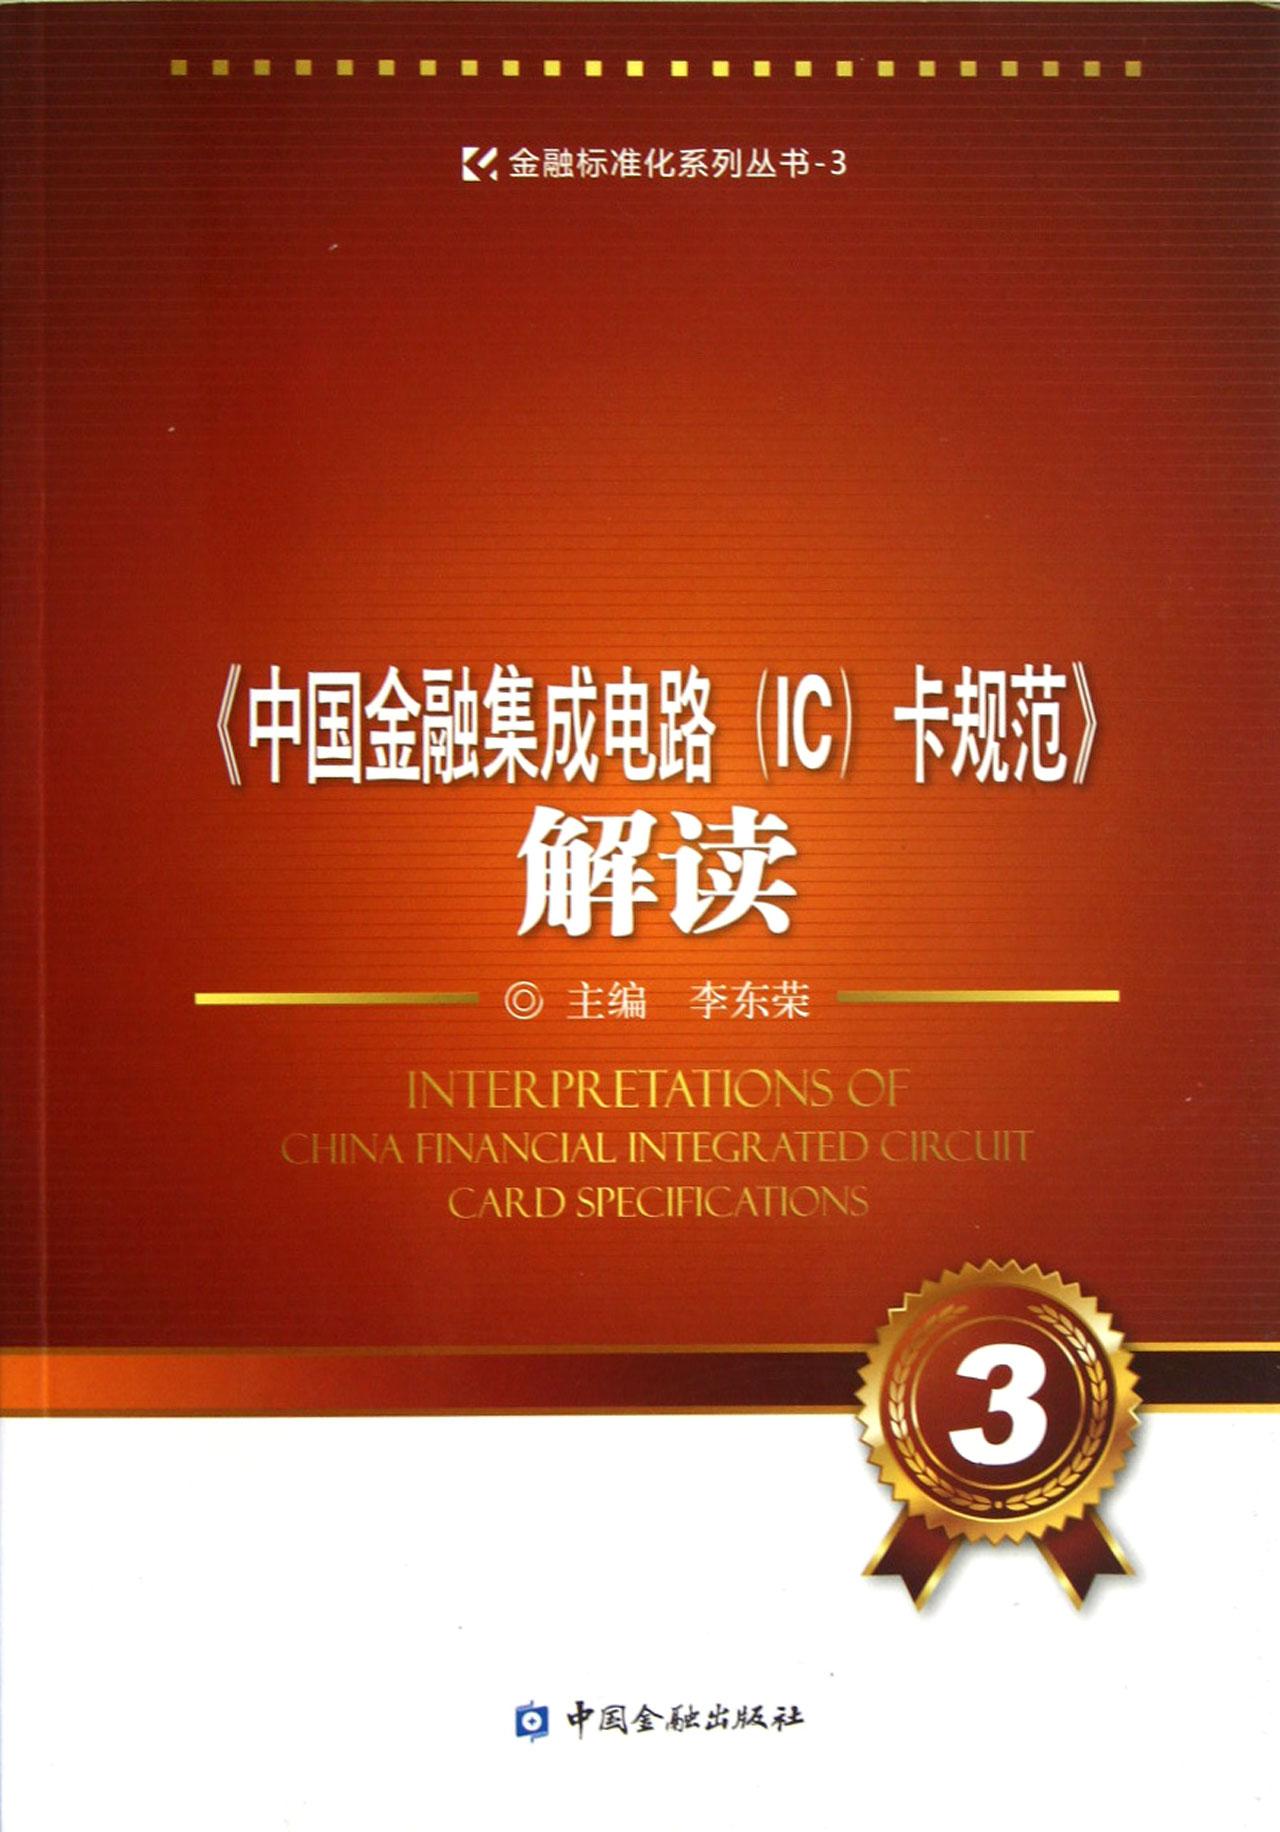 中国金融集成电路卡规范解读